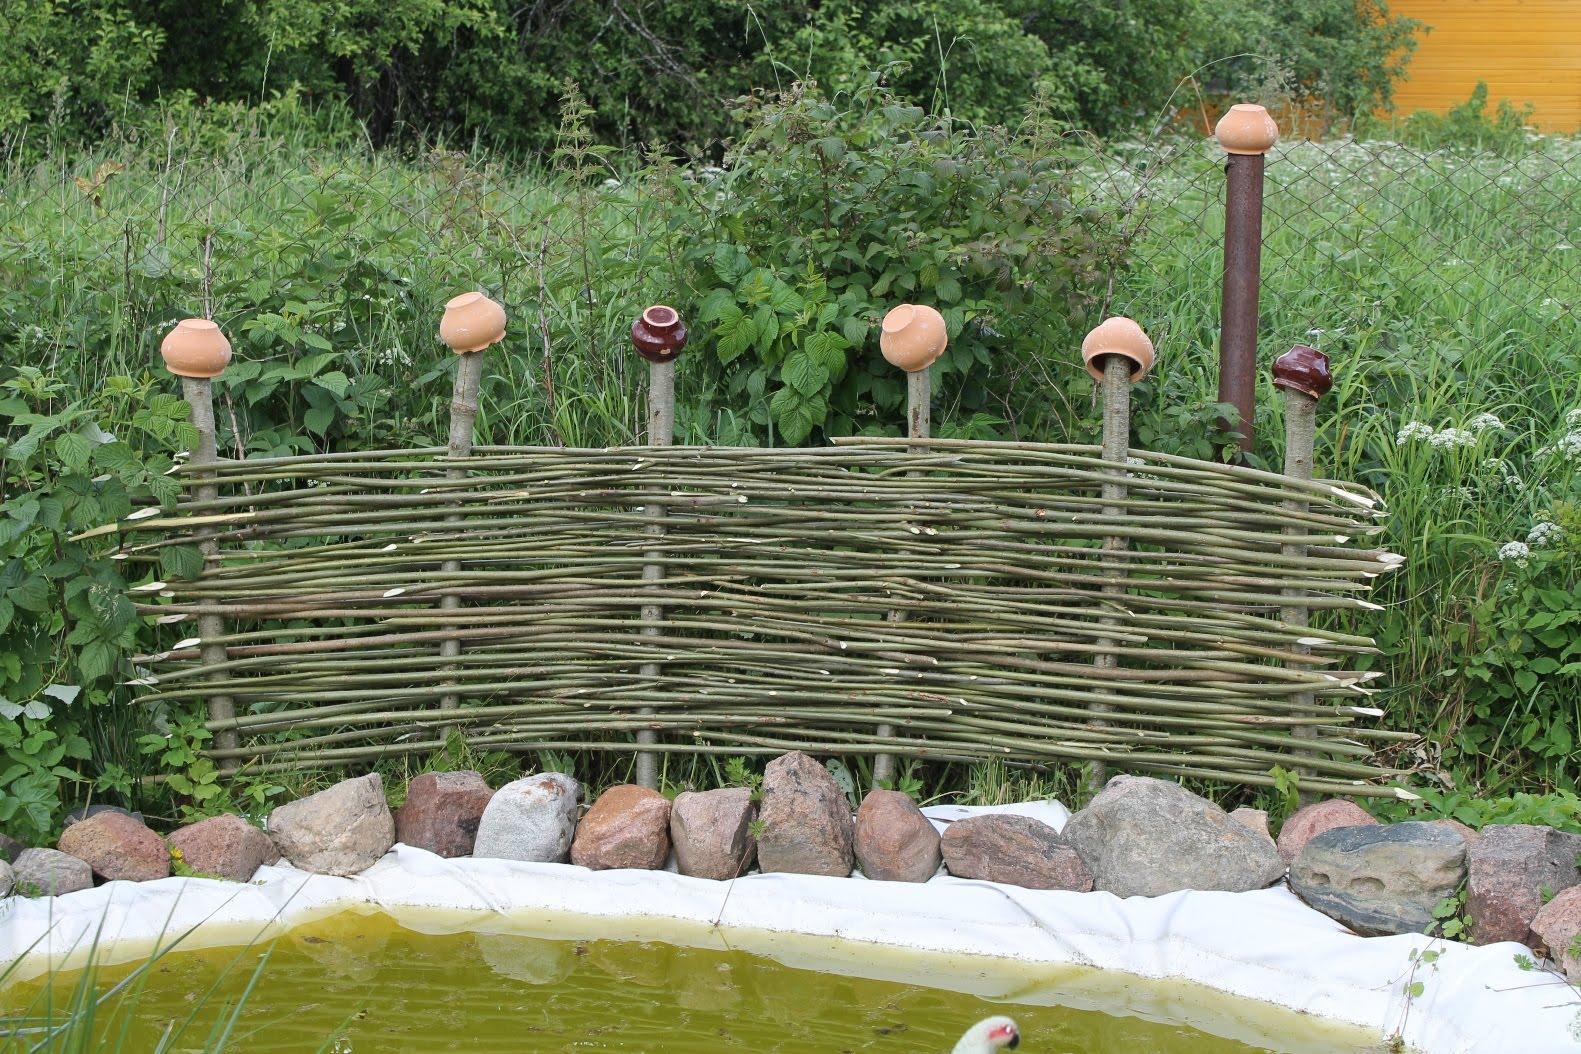 Как сделать забор плетень своими руками: инструкция +50 фото